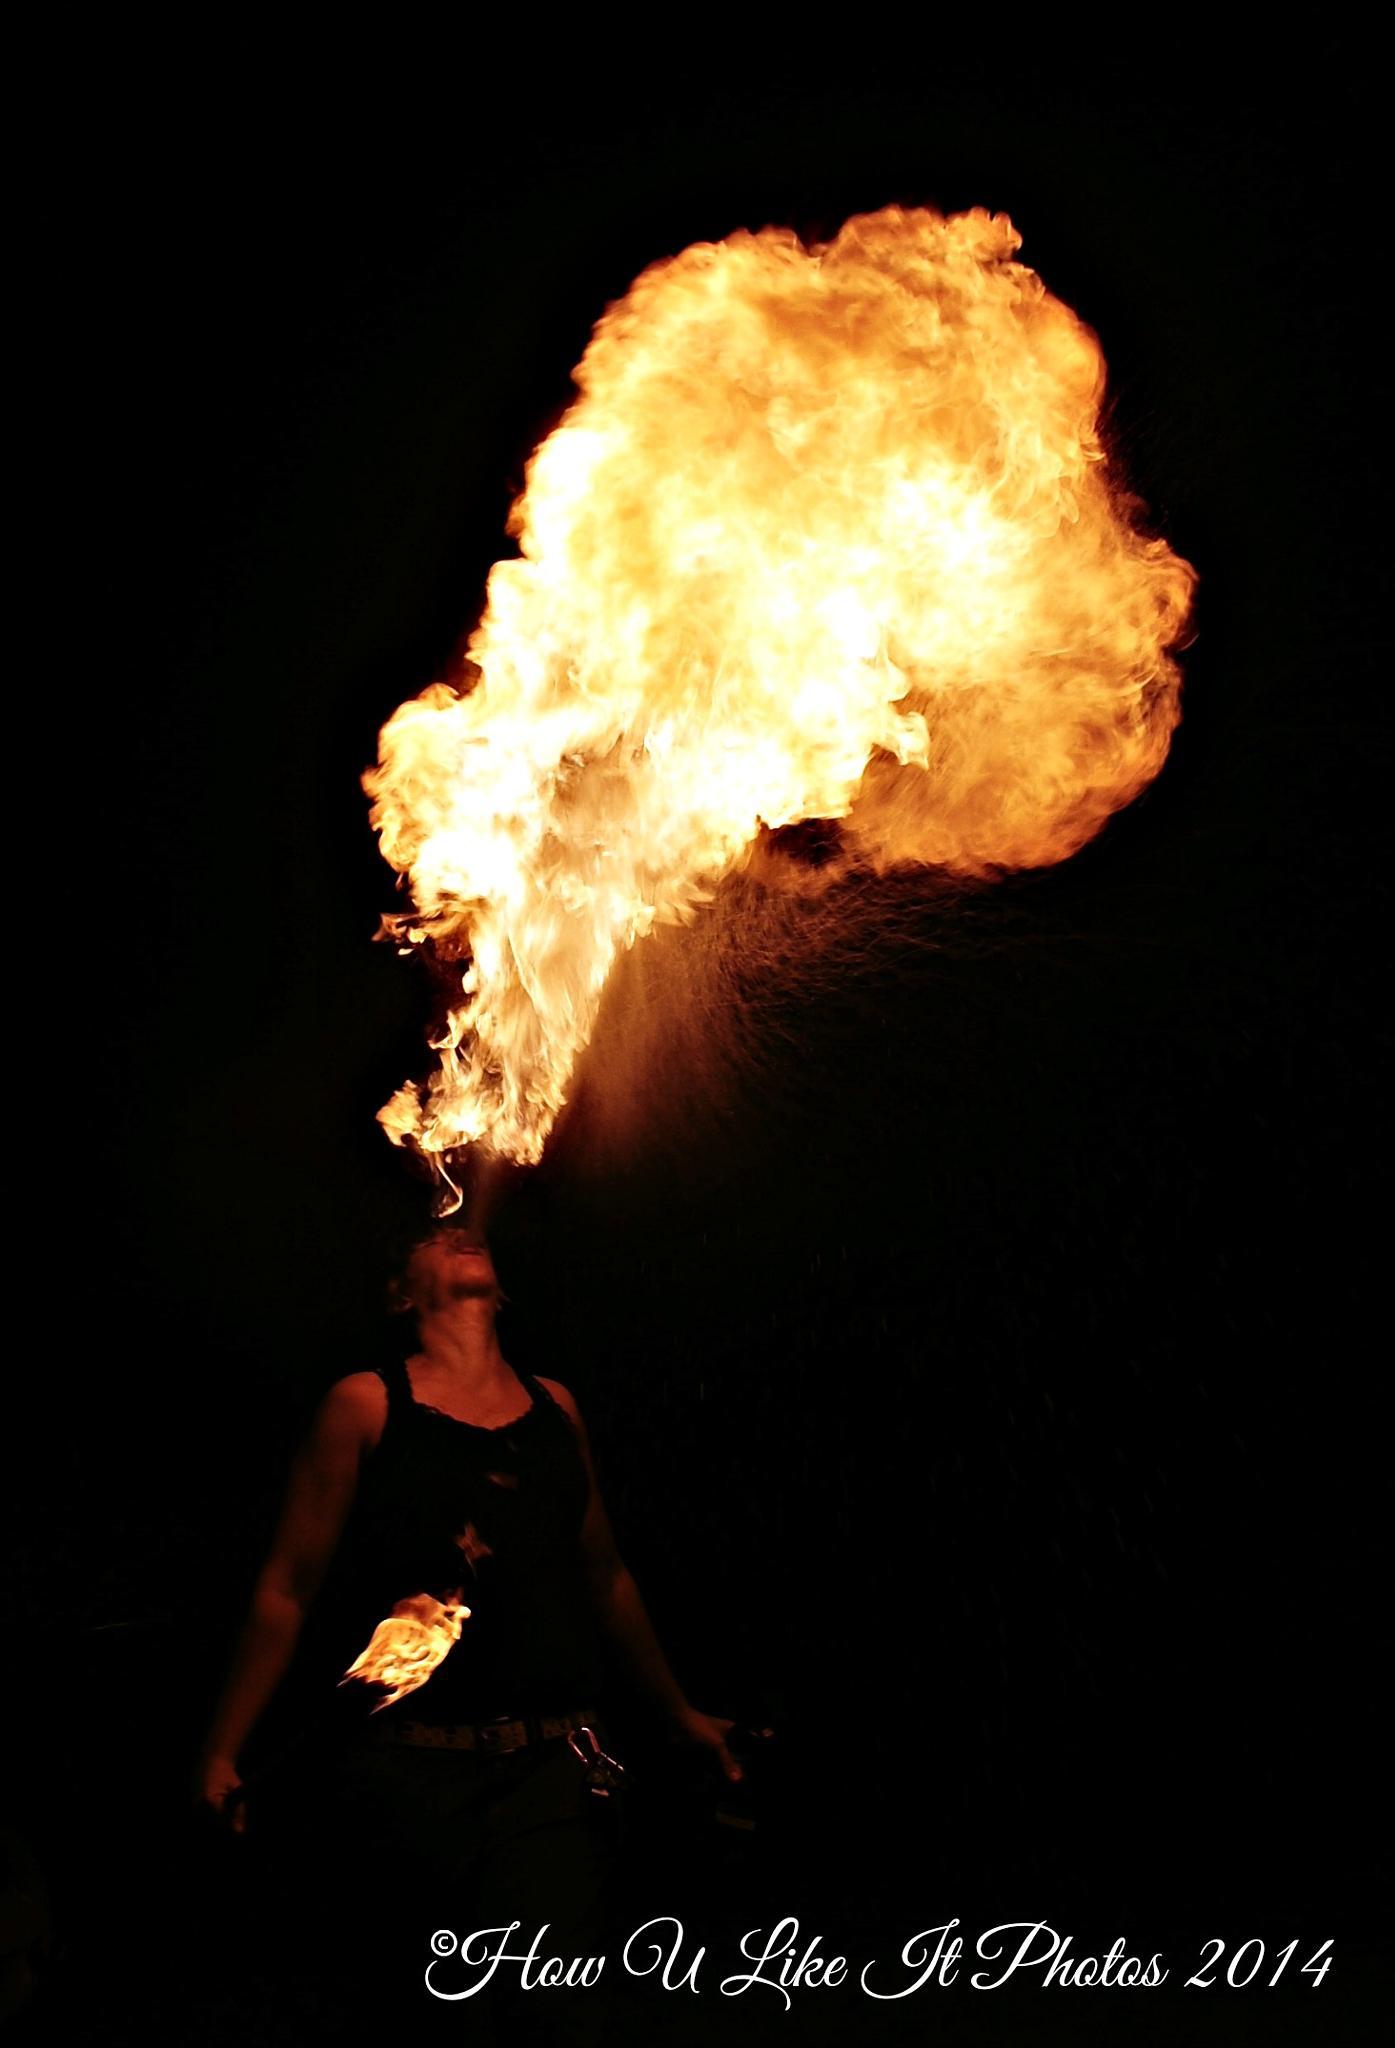 Blowing Fire by Irene